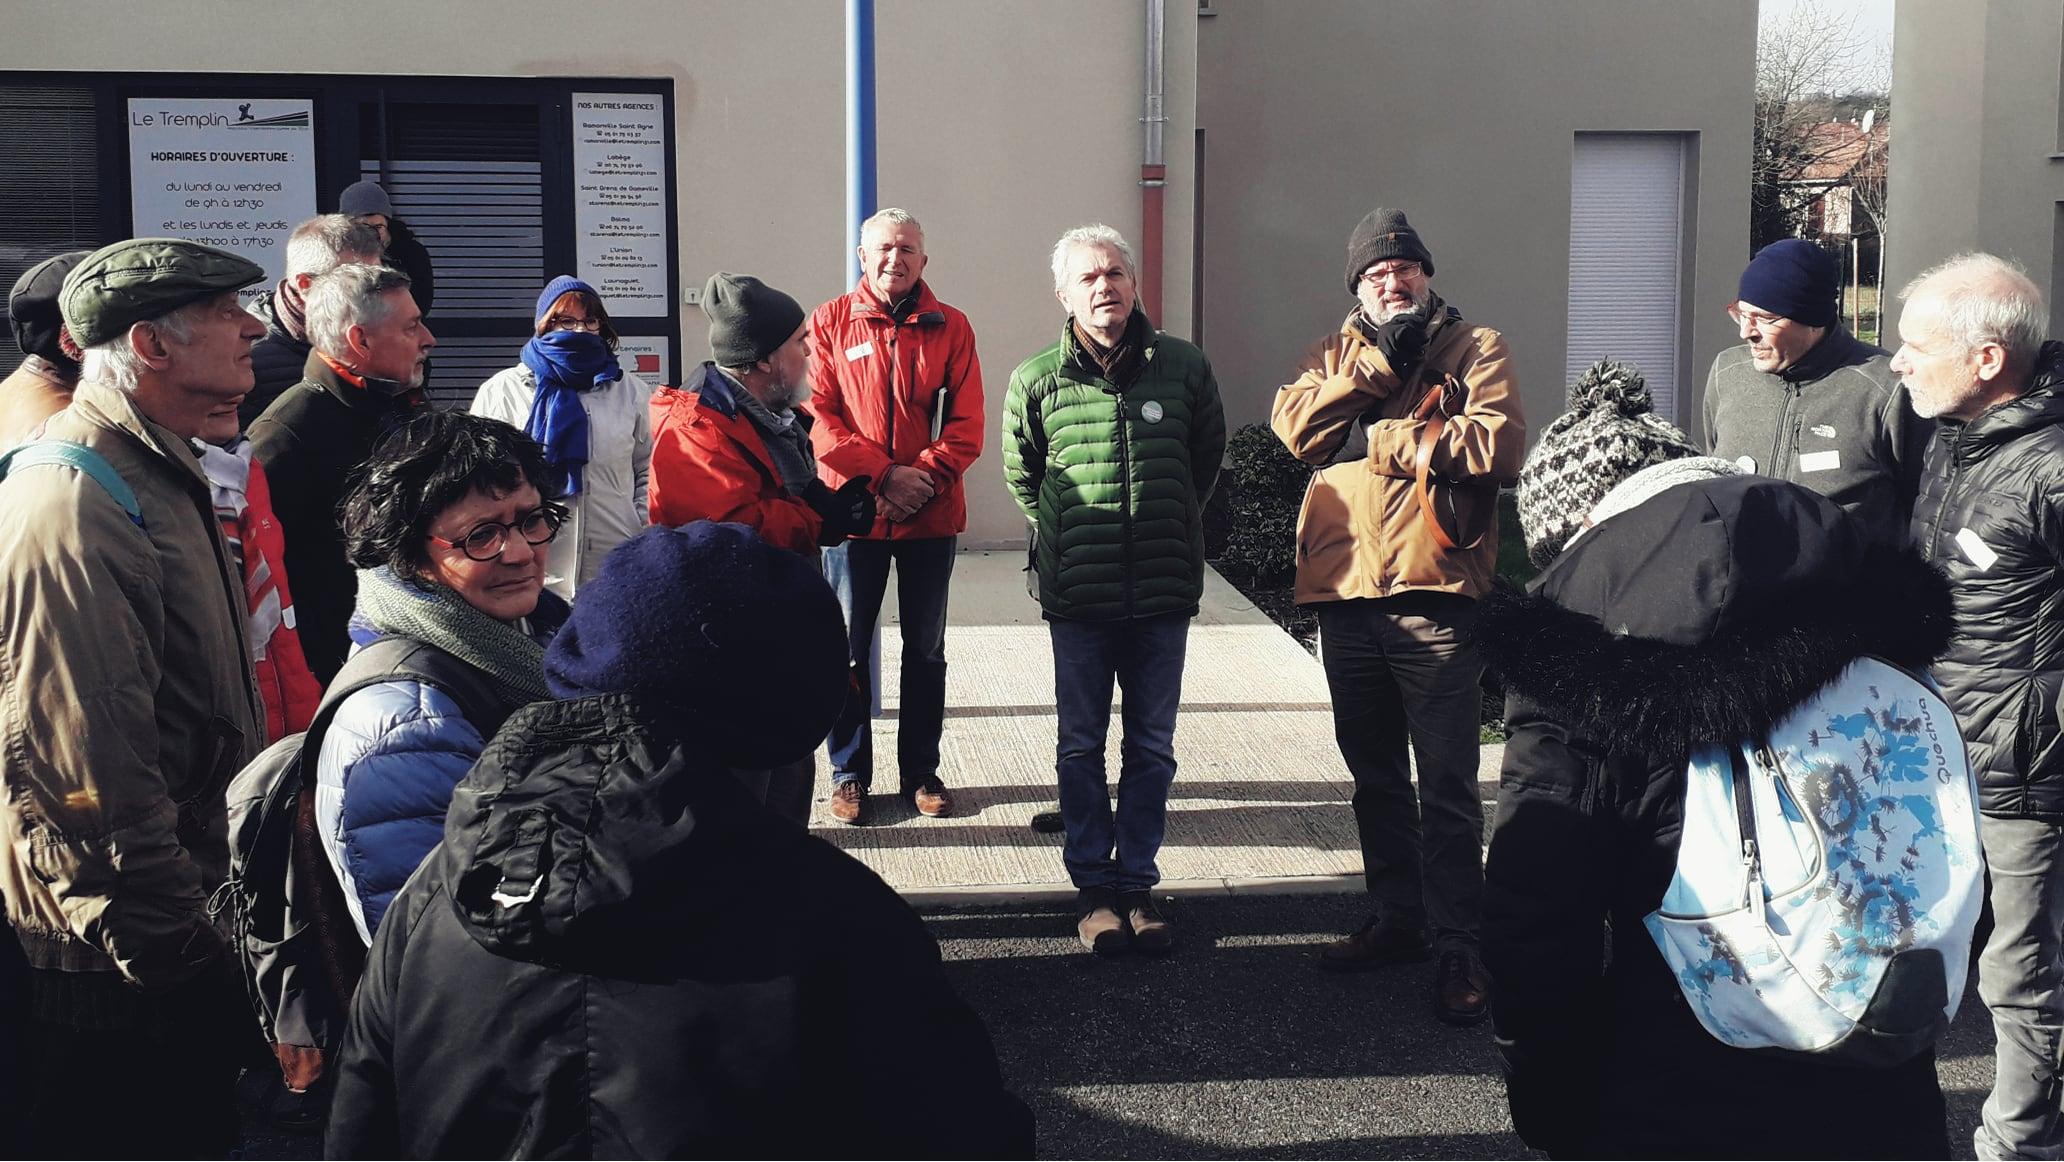 image from Randonnée citadine du 19 janvier 2020